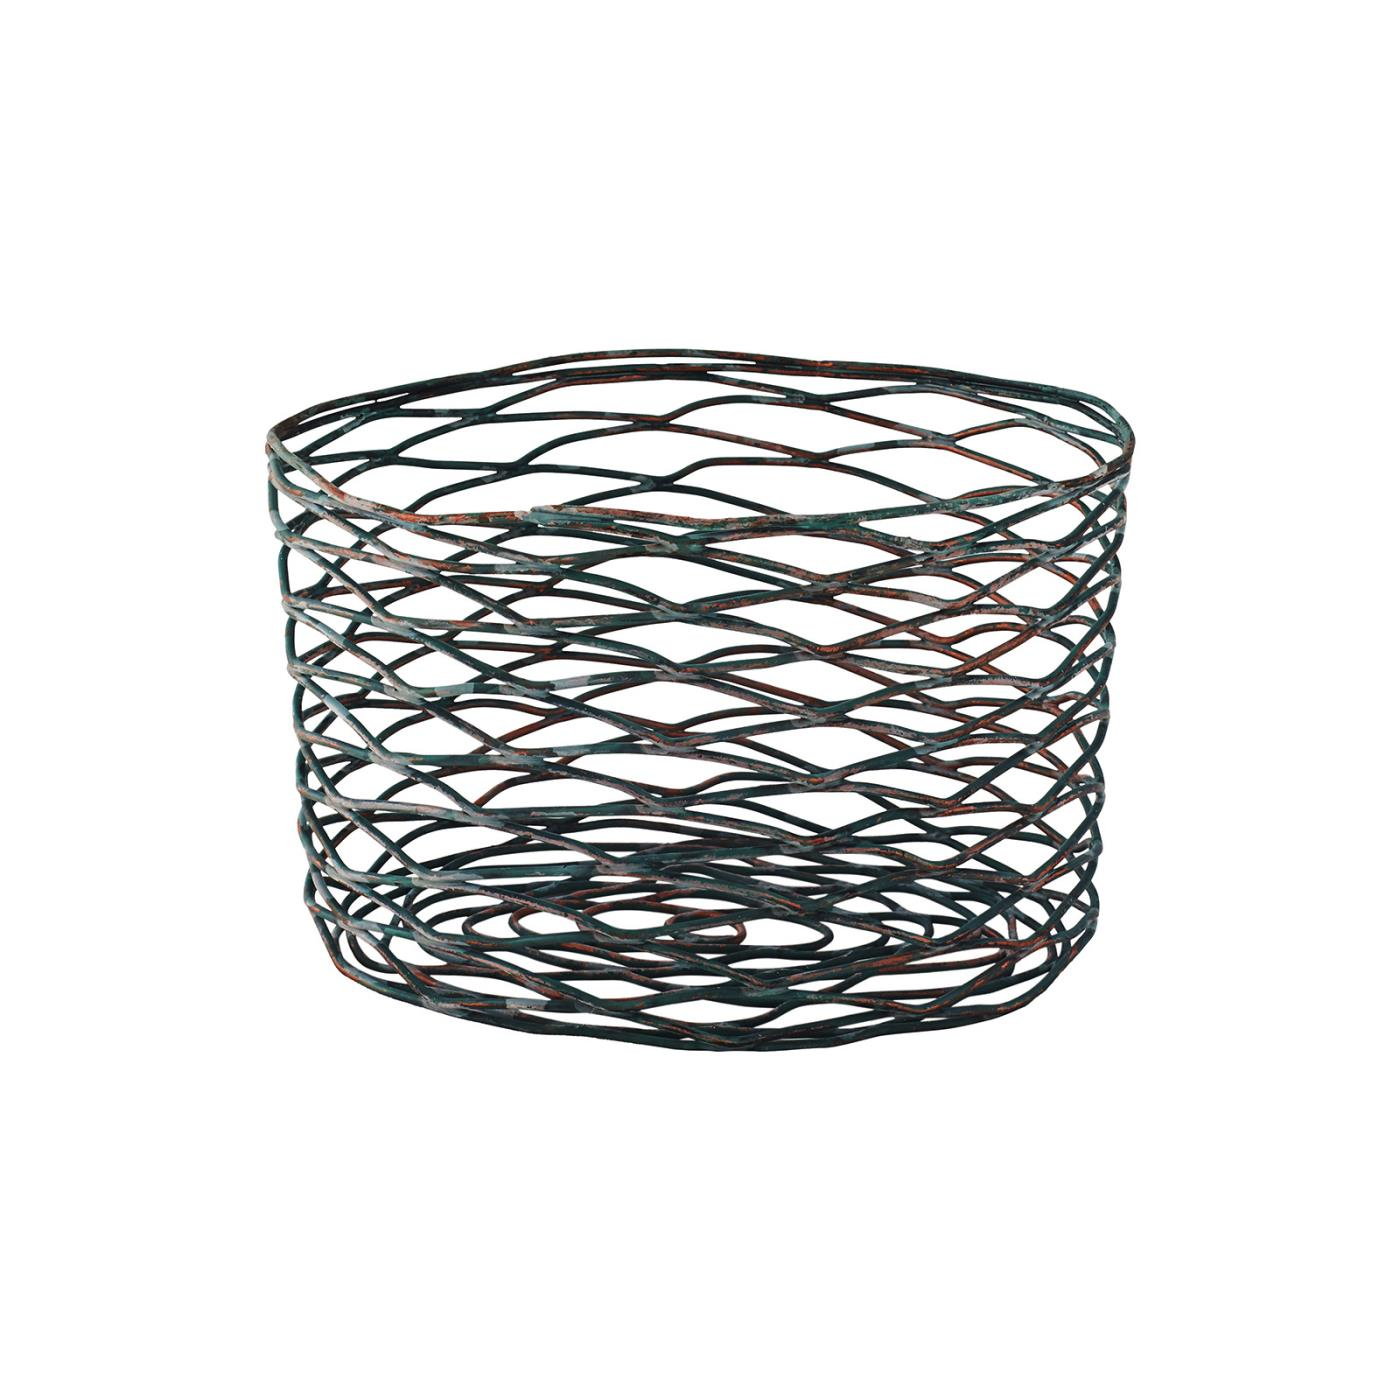 Patina Oval Basket